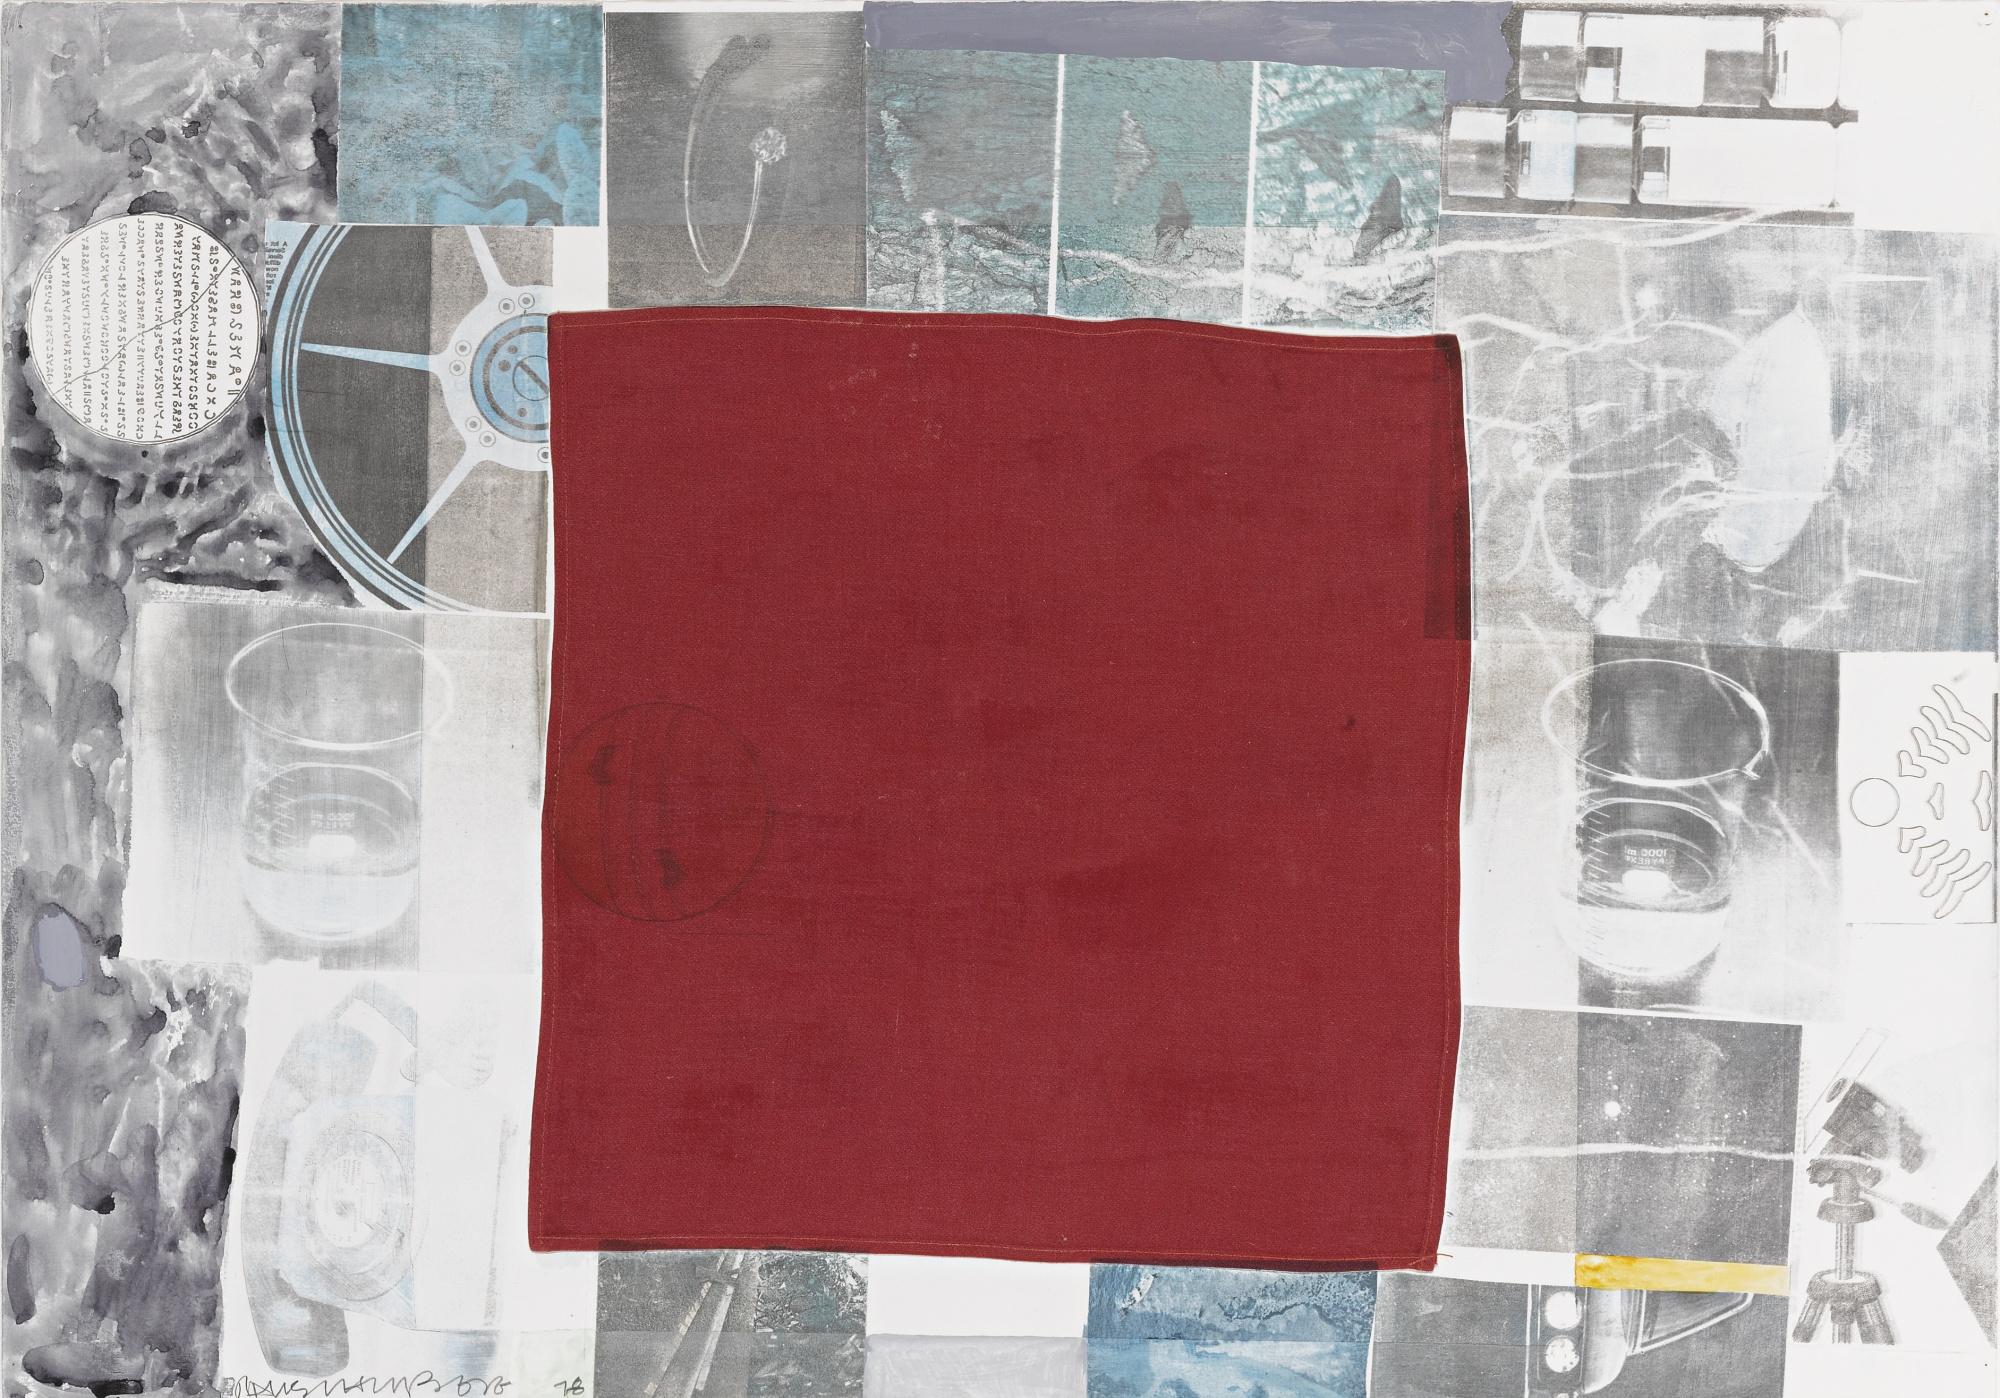 Robert Rauschenberg-Untitled-1978